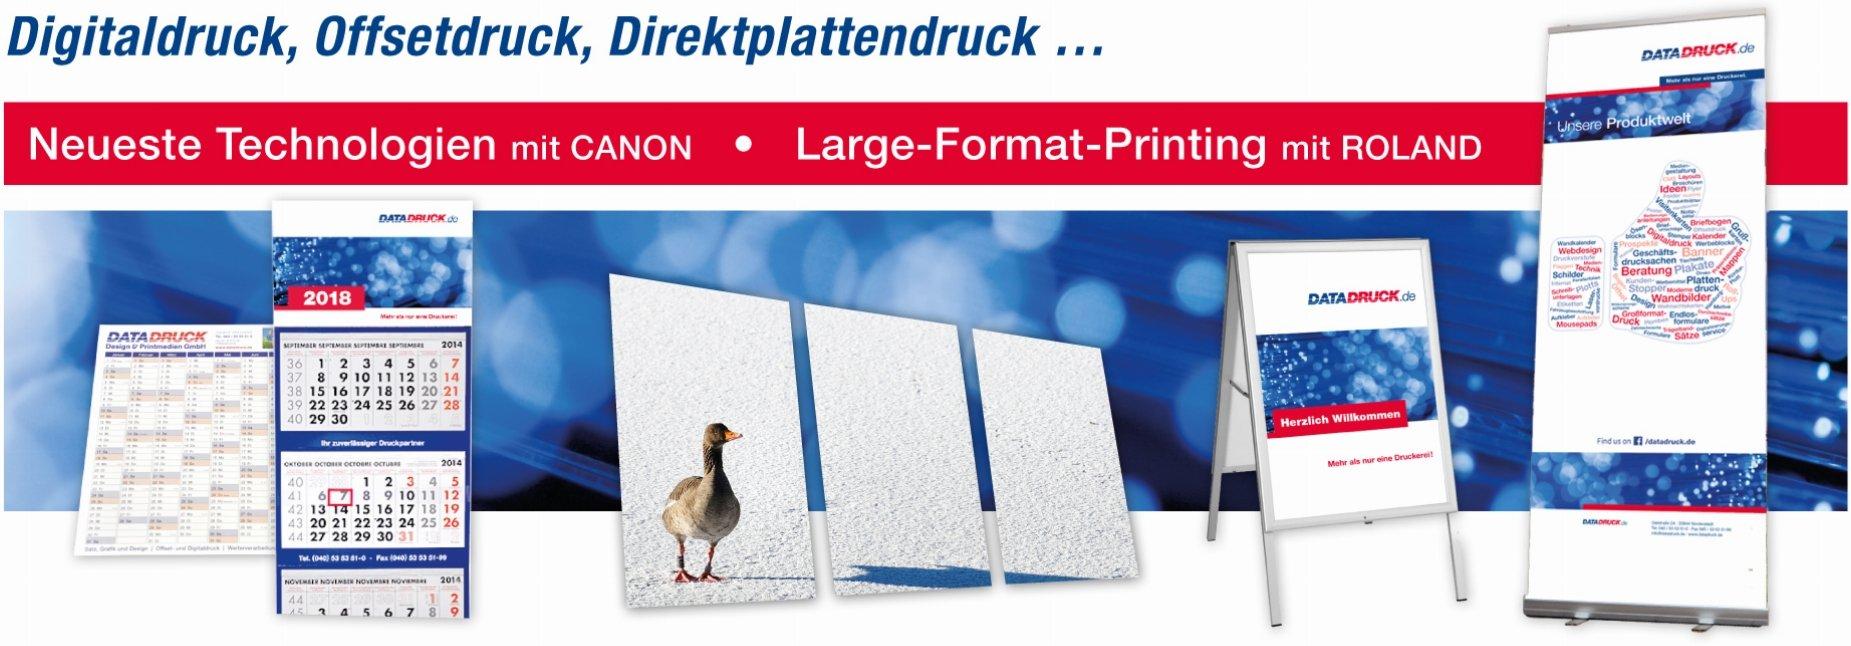 DATADRUCK Design & Printmedien GmbH & Co. KG in 22844 Norderstedt